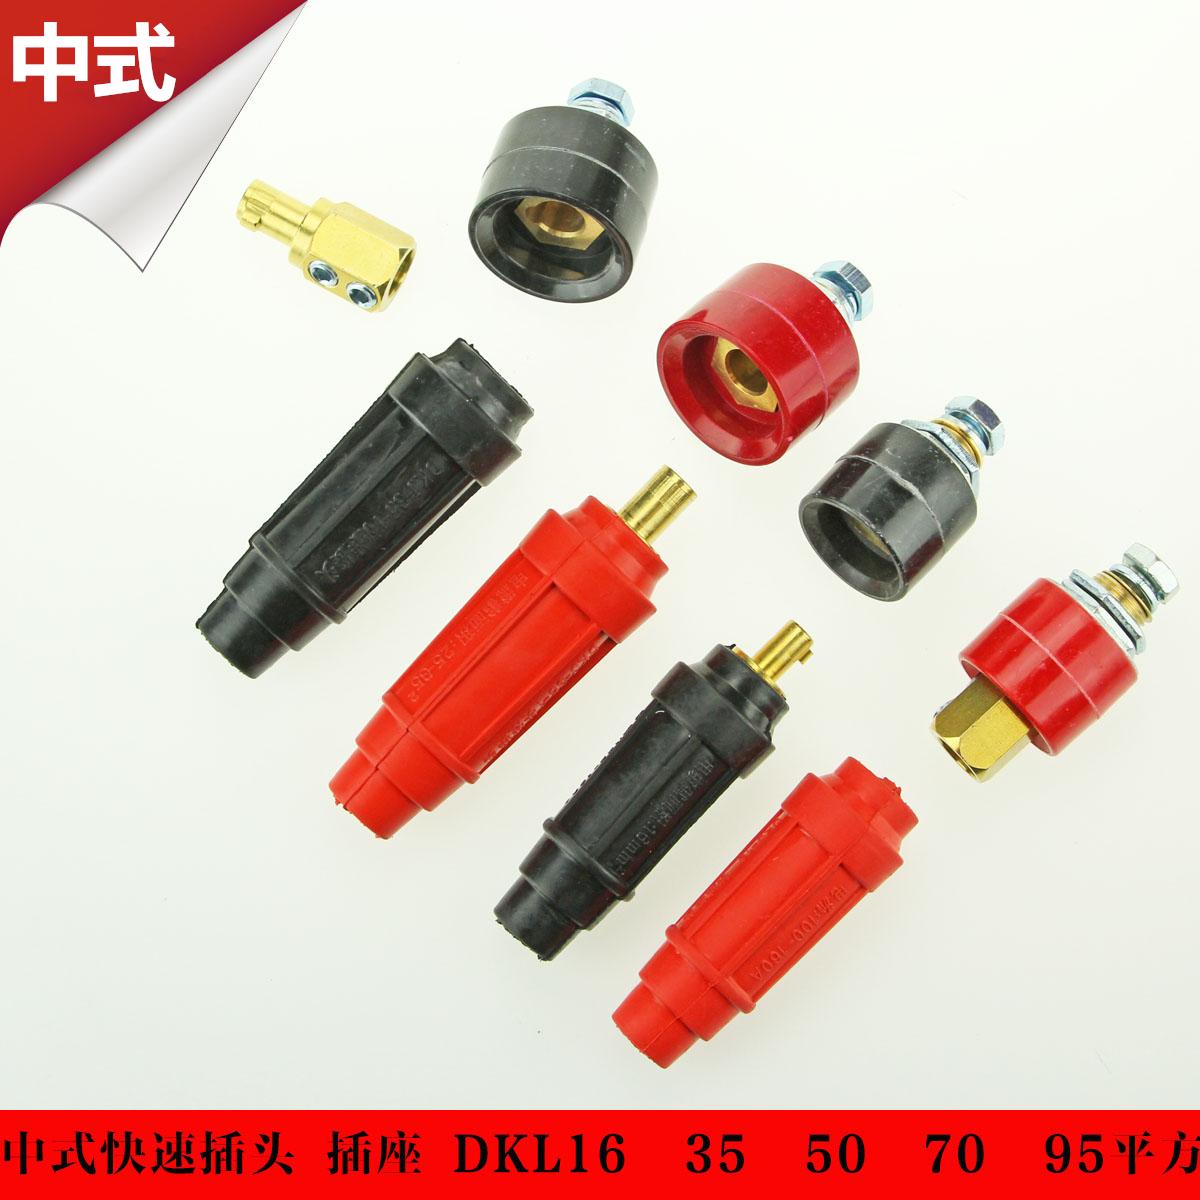 热销0件假一赔十把线地线快速接头底座电焊机插头插座焊zx7-400s下向焊机配件